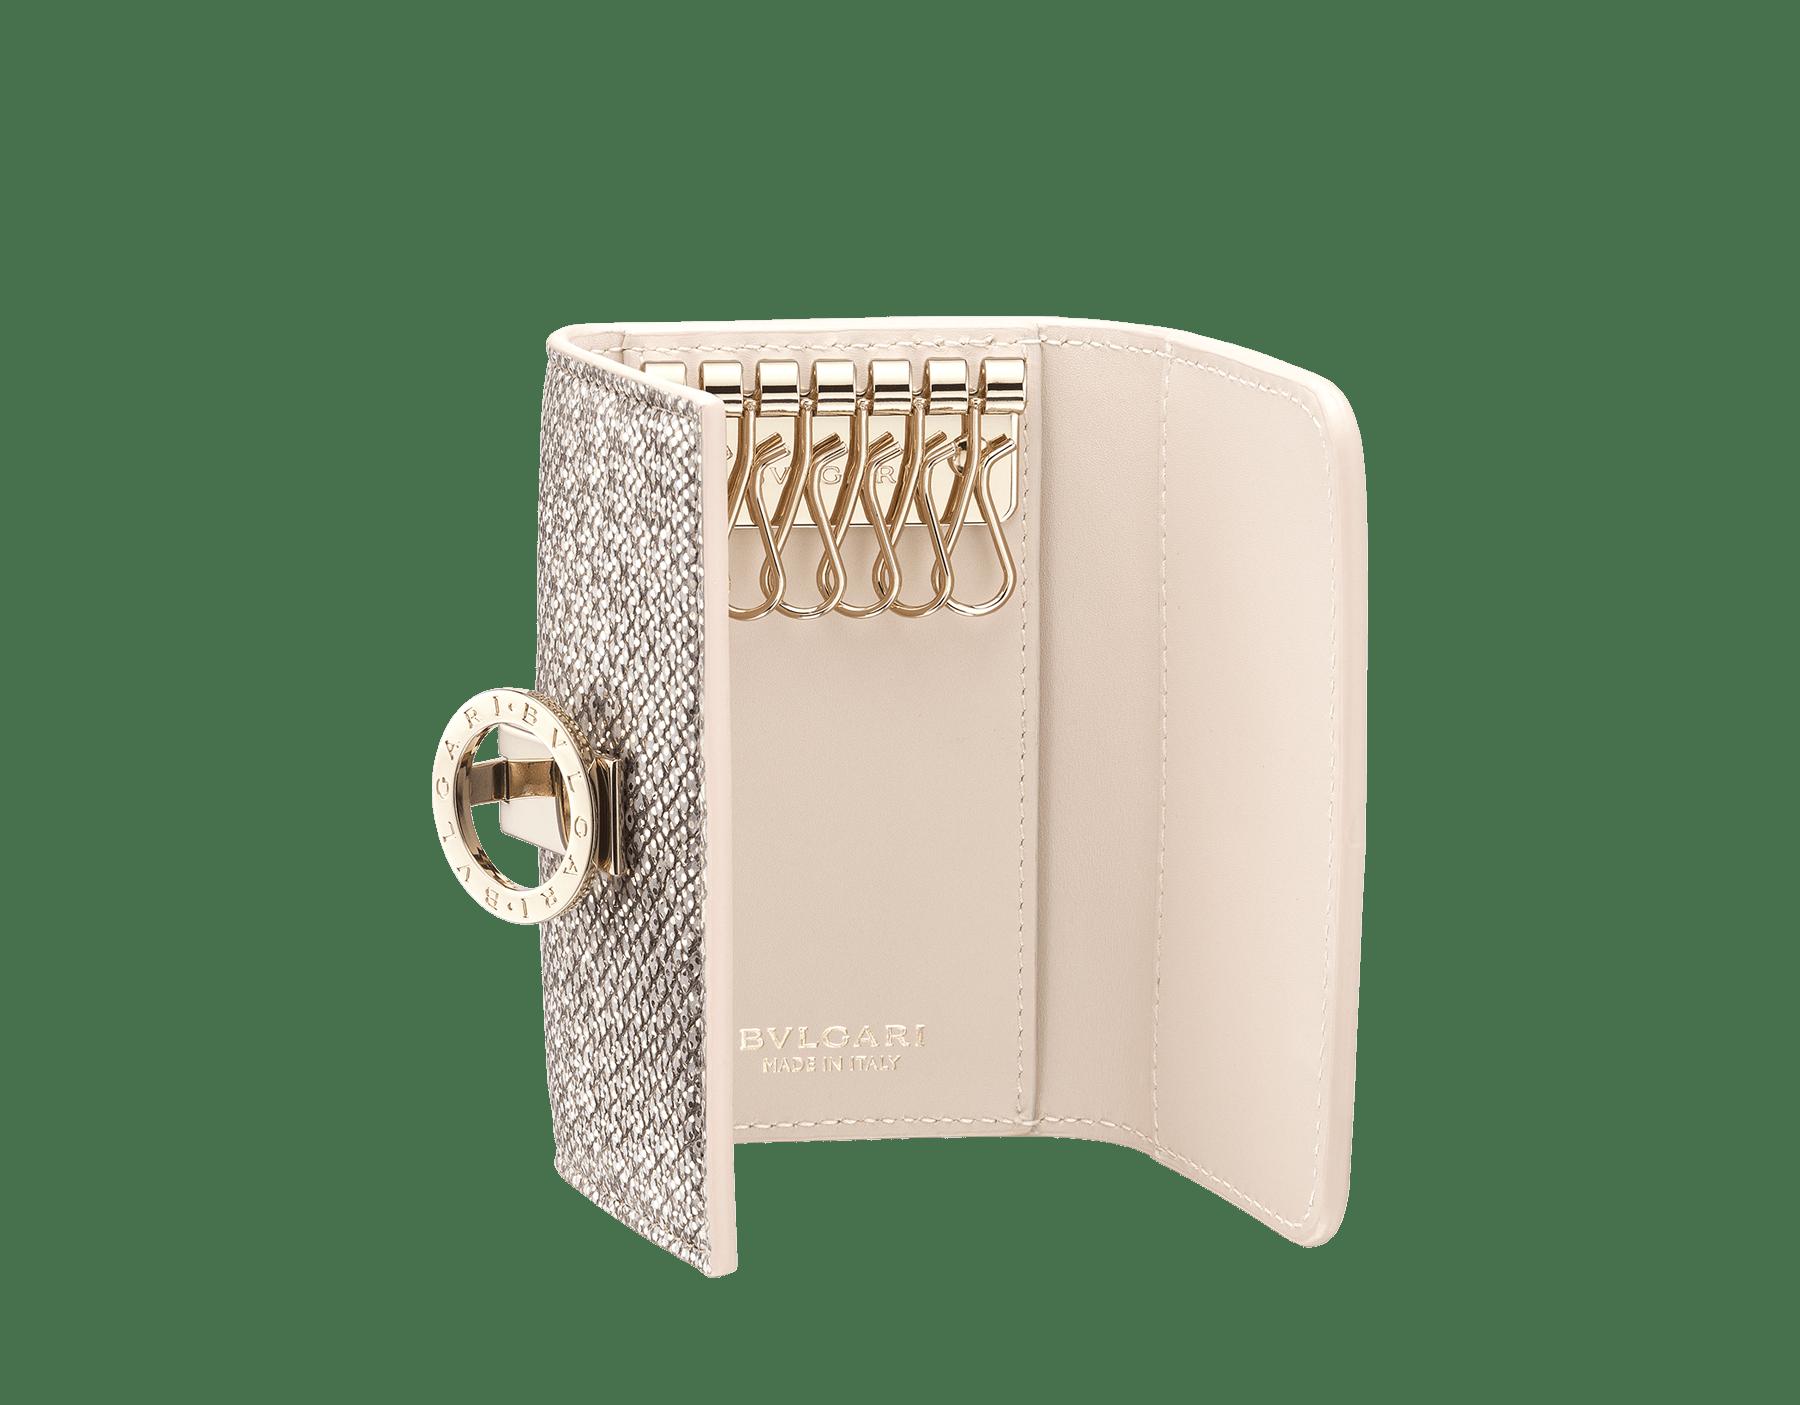 Porta-chaves pequeno BVLGARIBVLGARI em couro karung opala-leitosa metálico e couro de novilho opala-leitosa, com napa coral-estrela-do-mar. Icônico fecho de clipe com logotipo em metal banhado a ouro claro. 288284 image 2